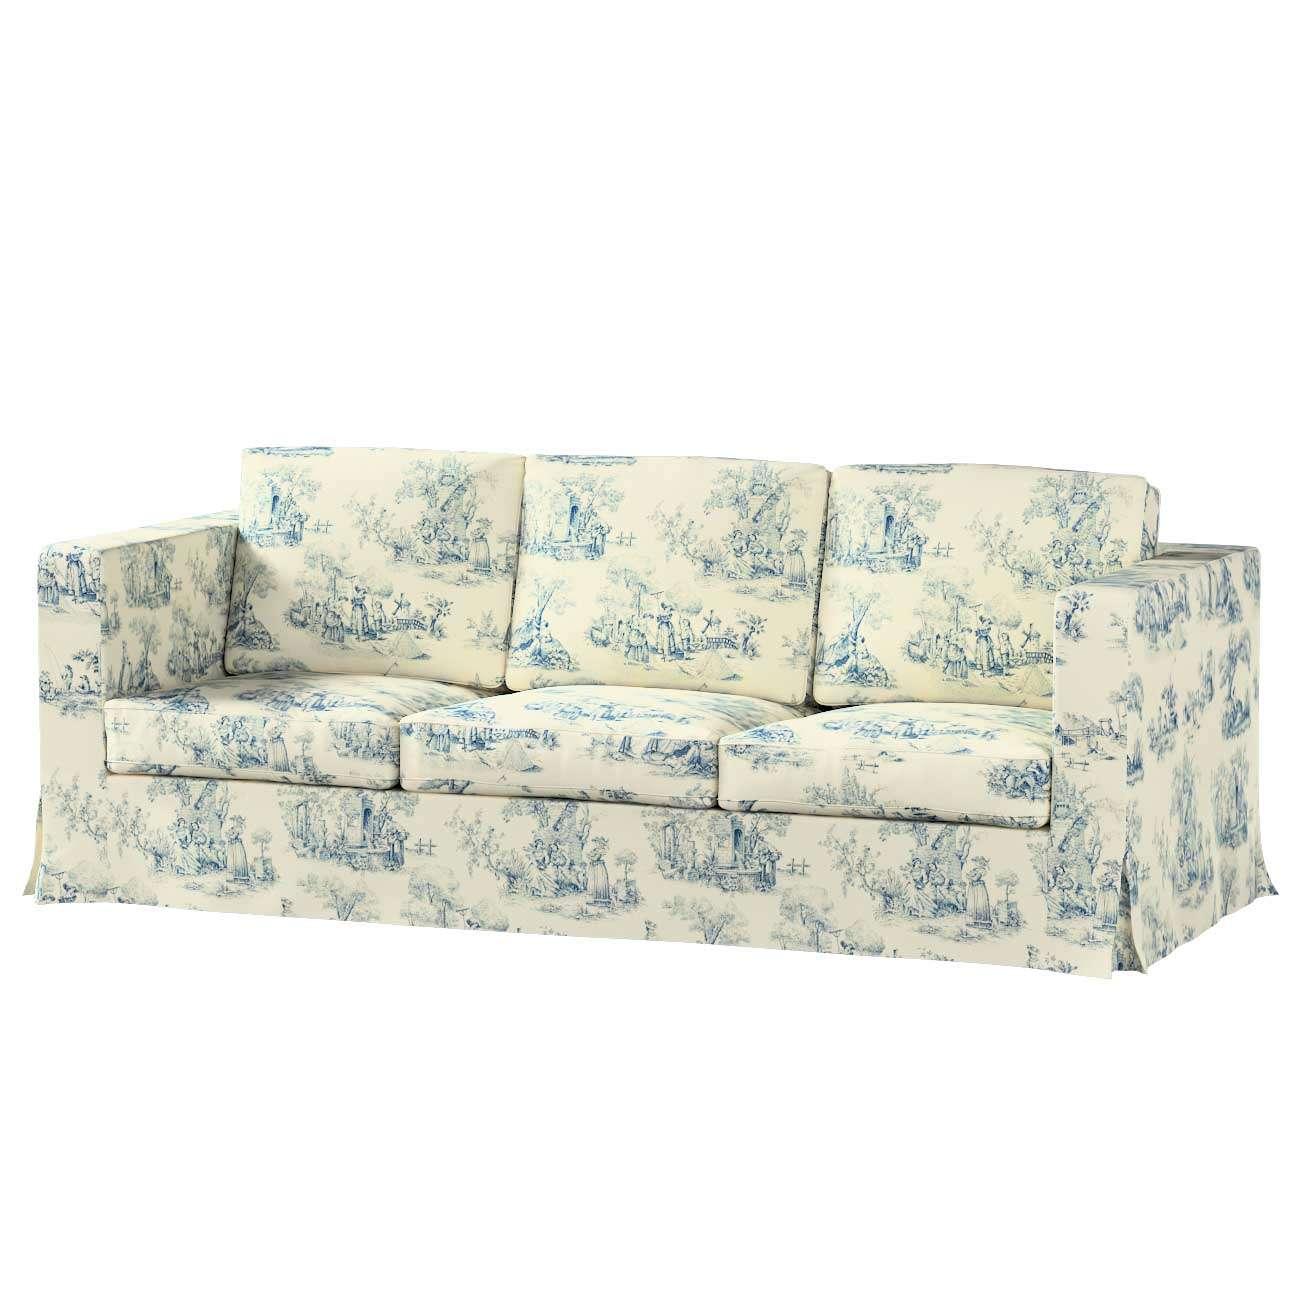 KARLANDA trivietės sofos iki žemės užvalkalas KARLANDA trivietės sofos iki žemės užvalkalas kolekcijoje Avinon, audinys: 132-66